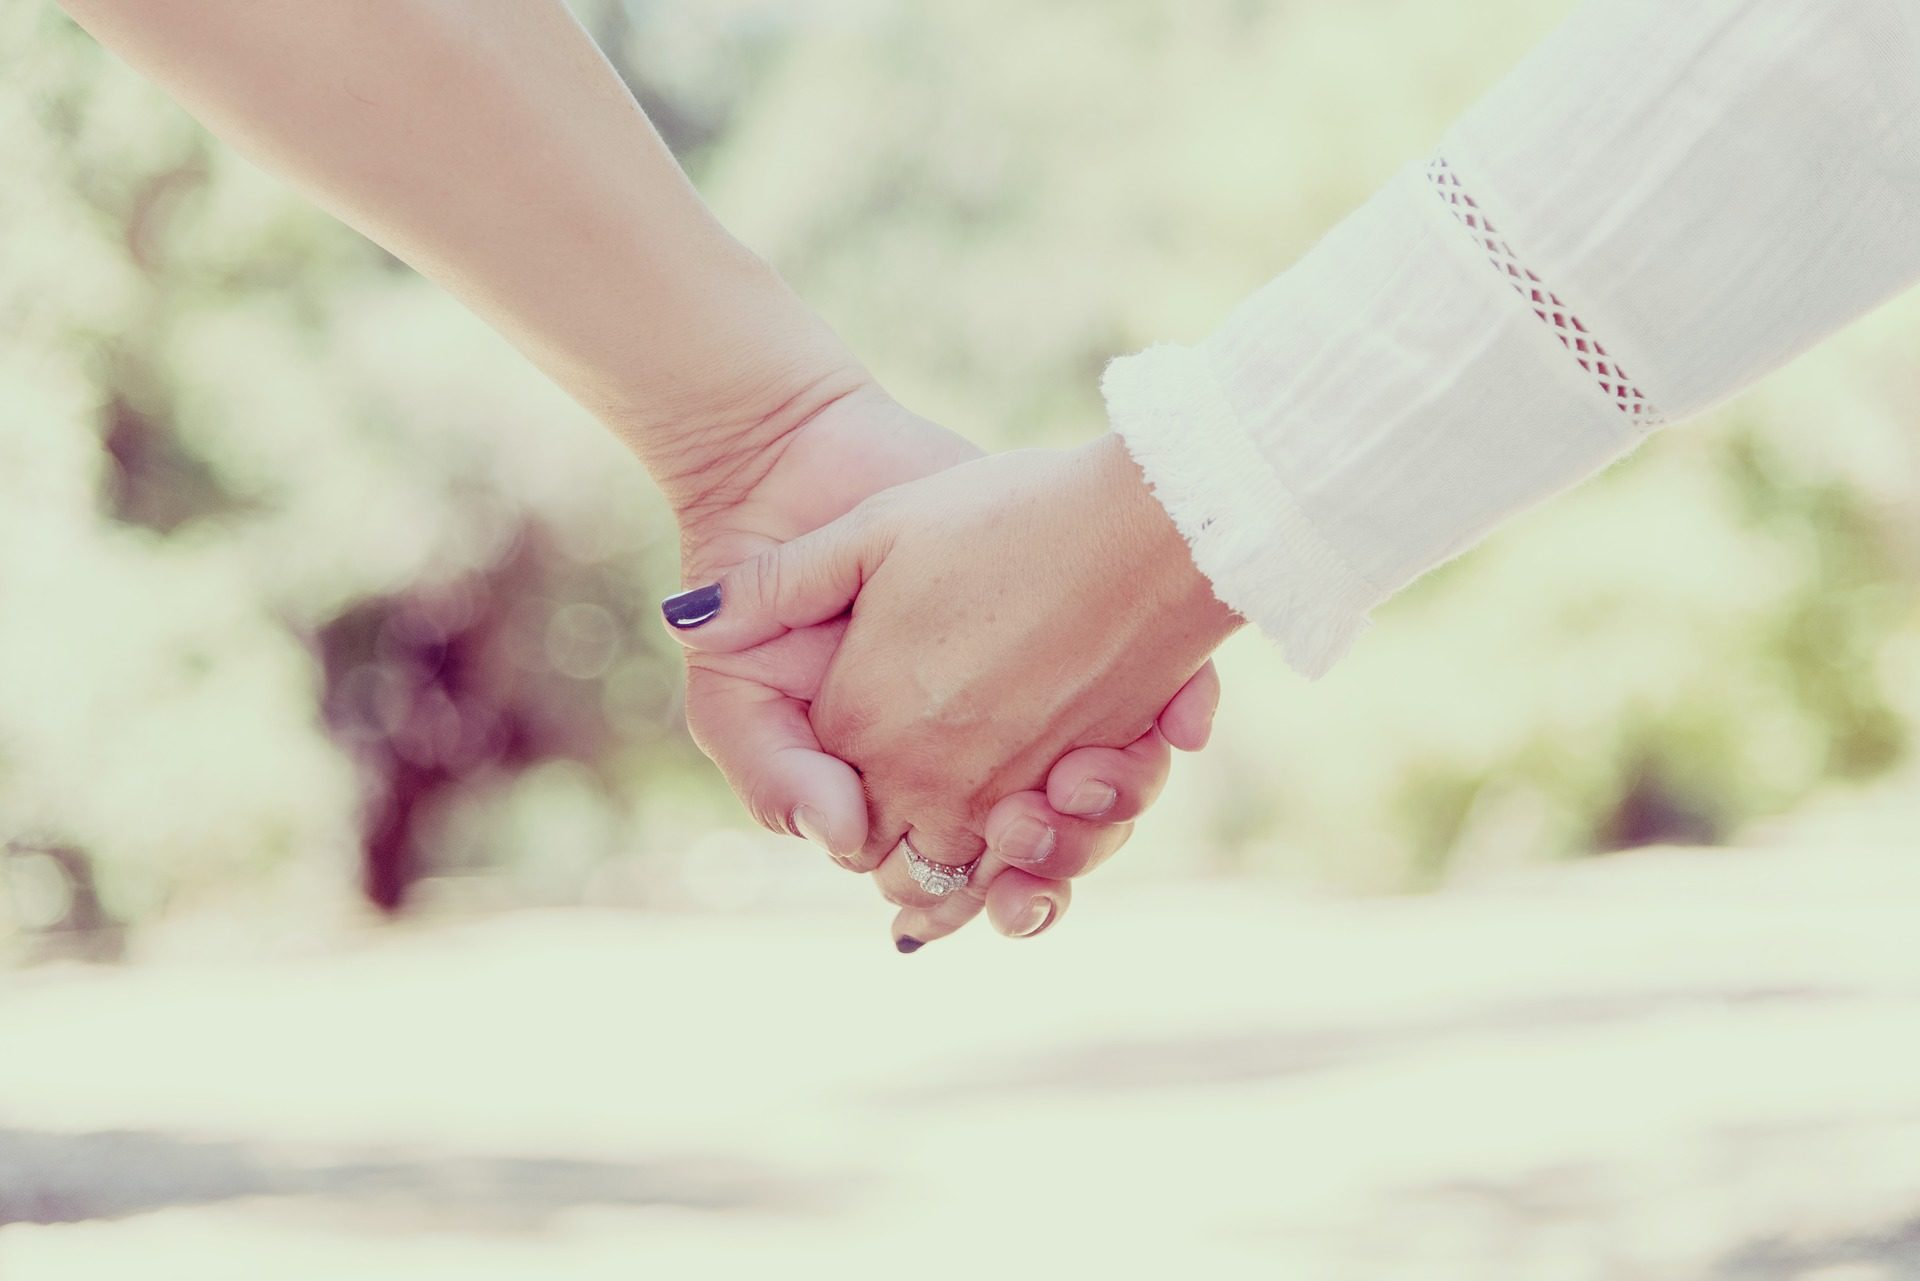 手, カップル, 男, 女性, 愛, 友情, 関係 - HD の壁紙 - 教授-falken.com